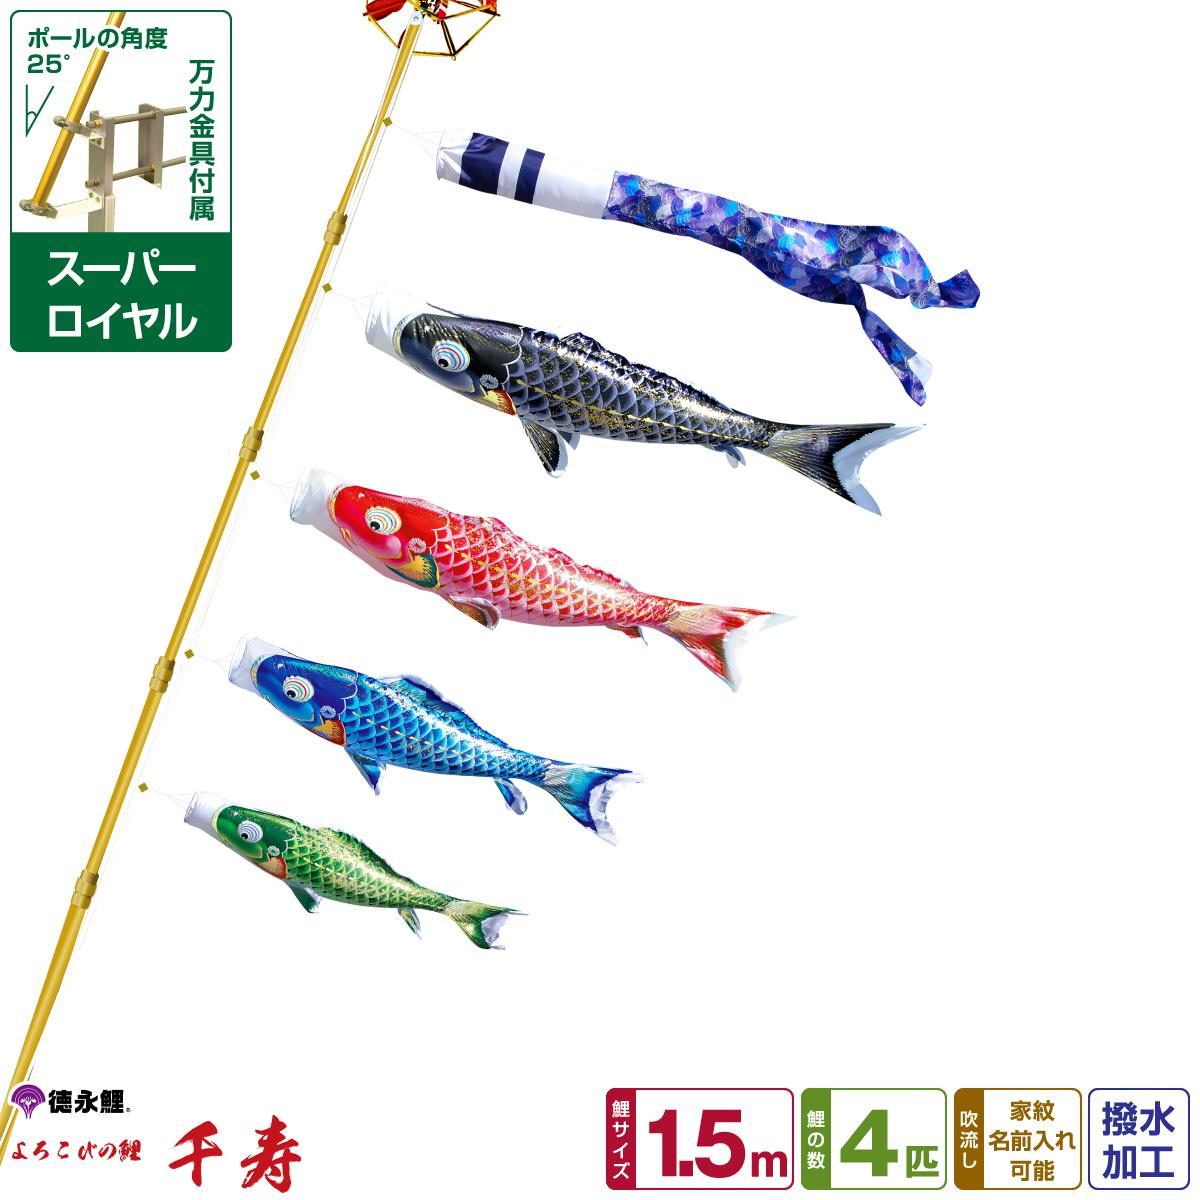 徳永鯉のぼり 千寿鯉 1.5m 7点セット ベランダ用スーパーロイヤルセット 2019年初節句 端午の節句 こどもの日 こいのぼり